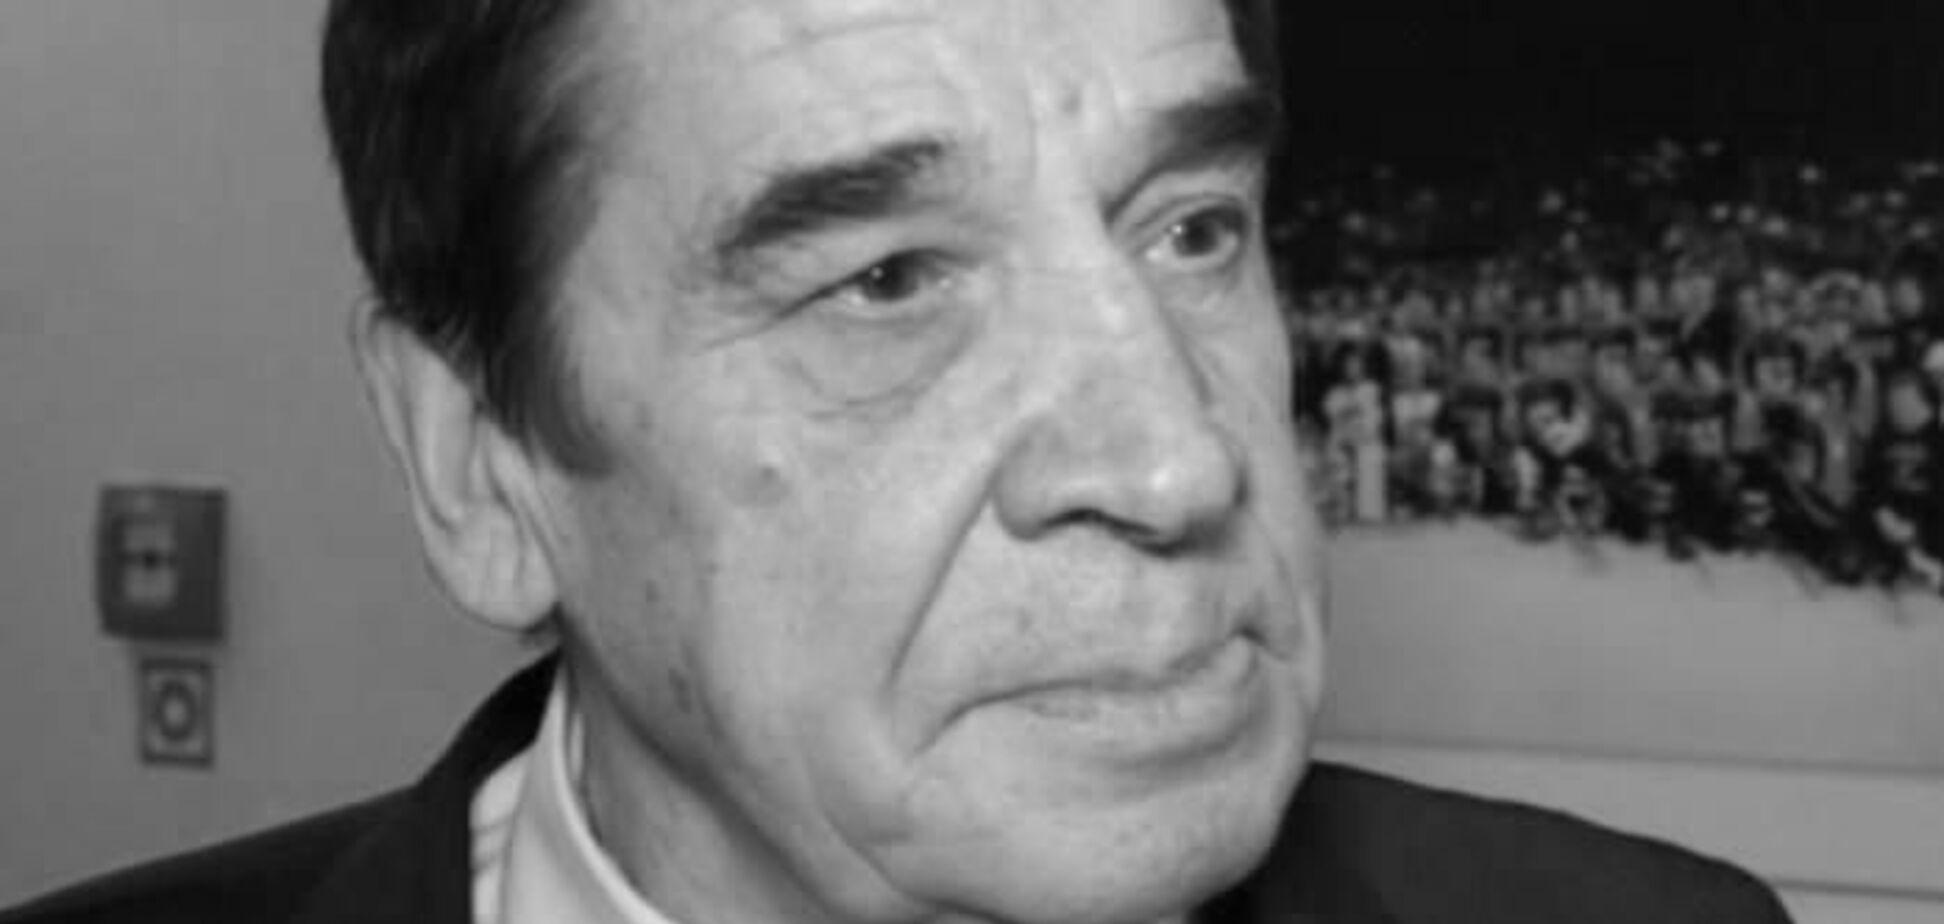 В крови на полу: стали известны новые подробности смерти легенды советского хоккея